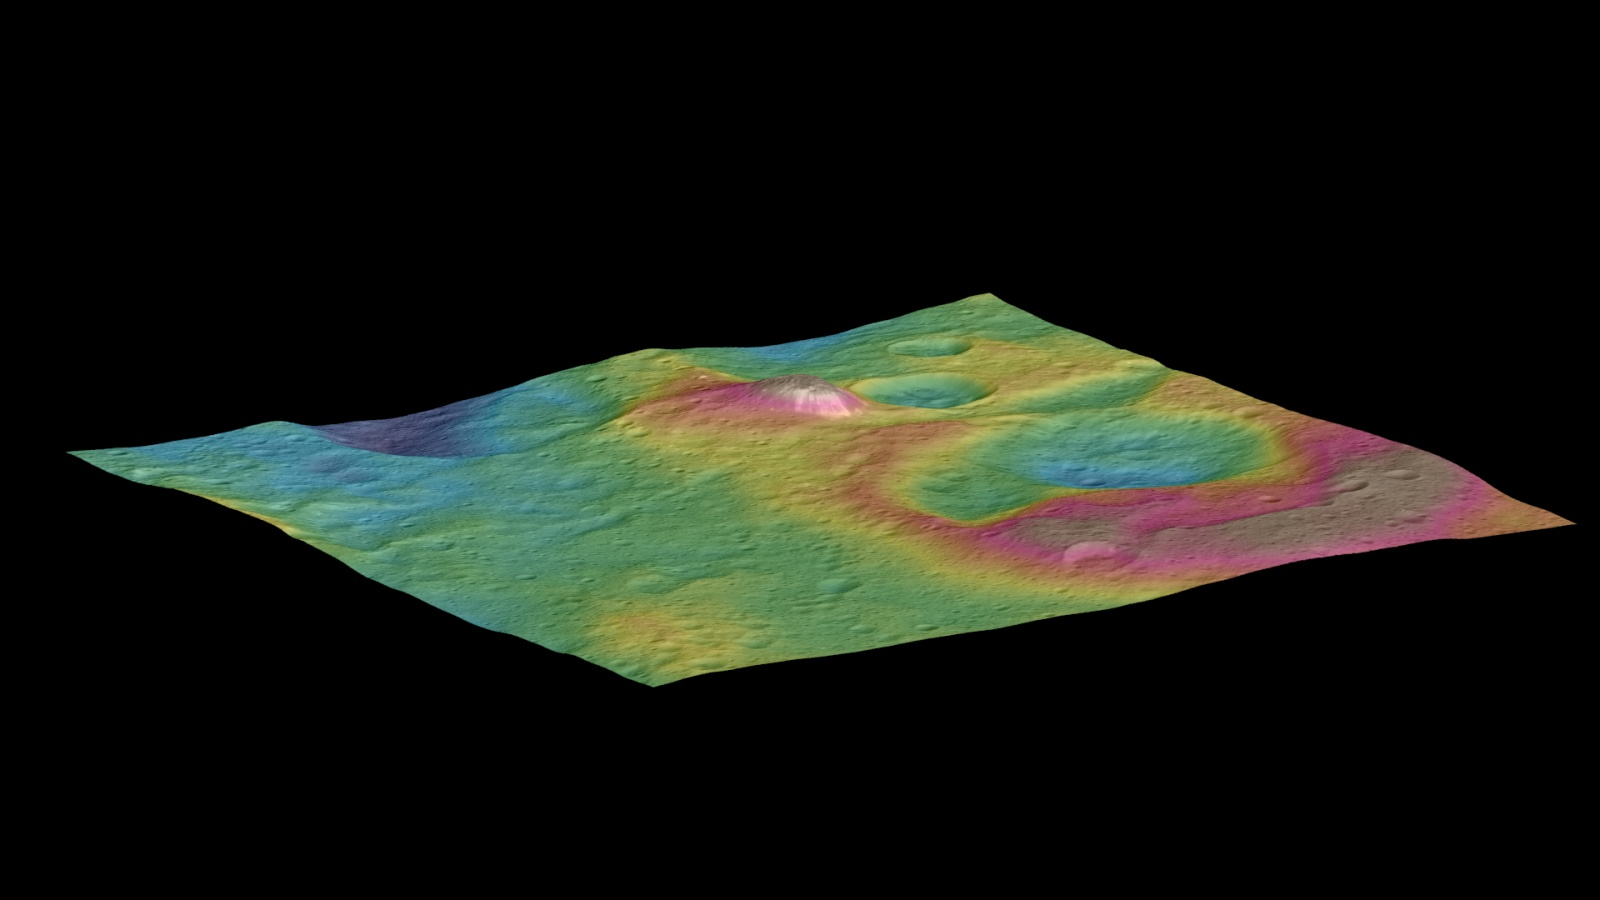 Церера продолжает удивлять ученых: неправильная геометрия кратеров и электромагнитные вспышки - 2